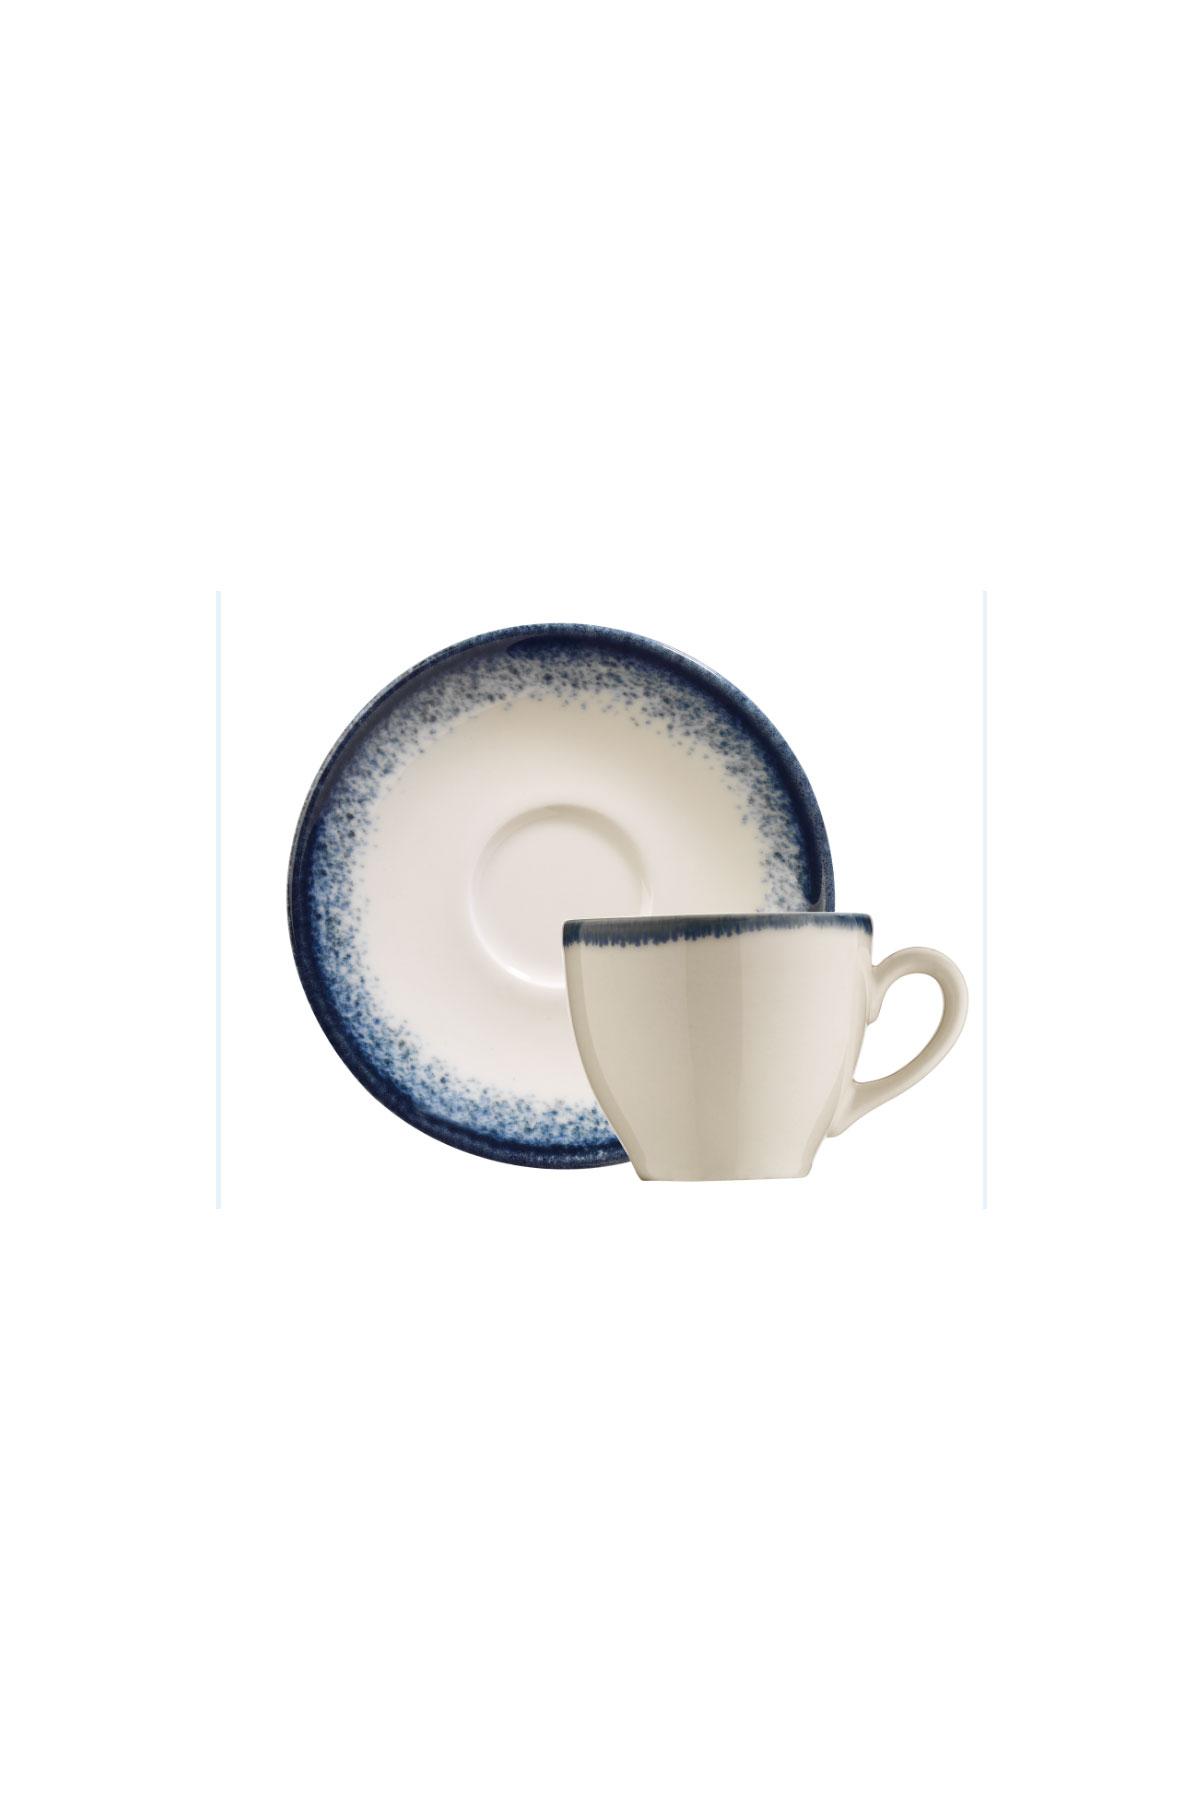 Kütahya Porselen Nanokrem Çay Takımı 890004